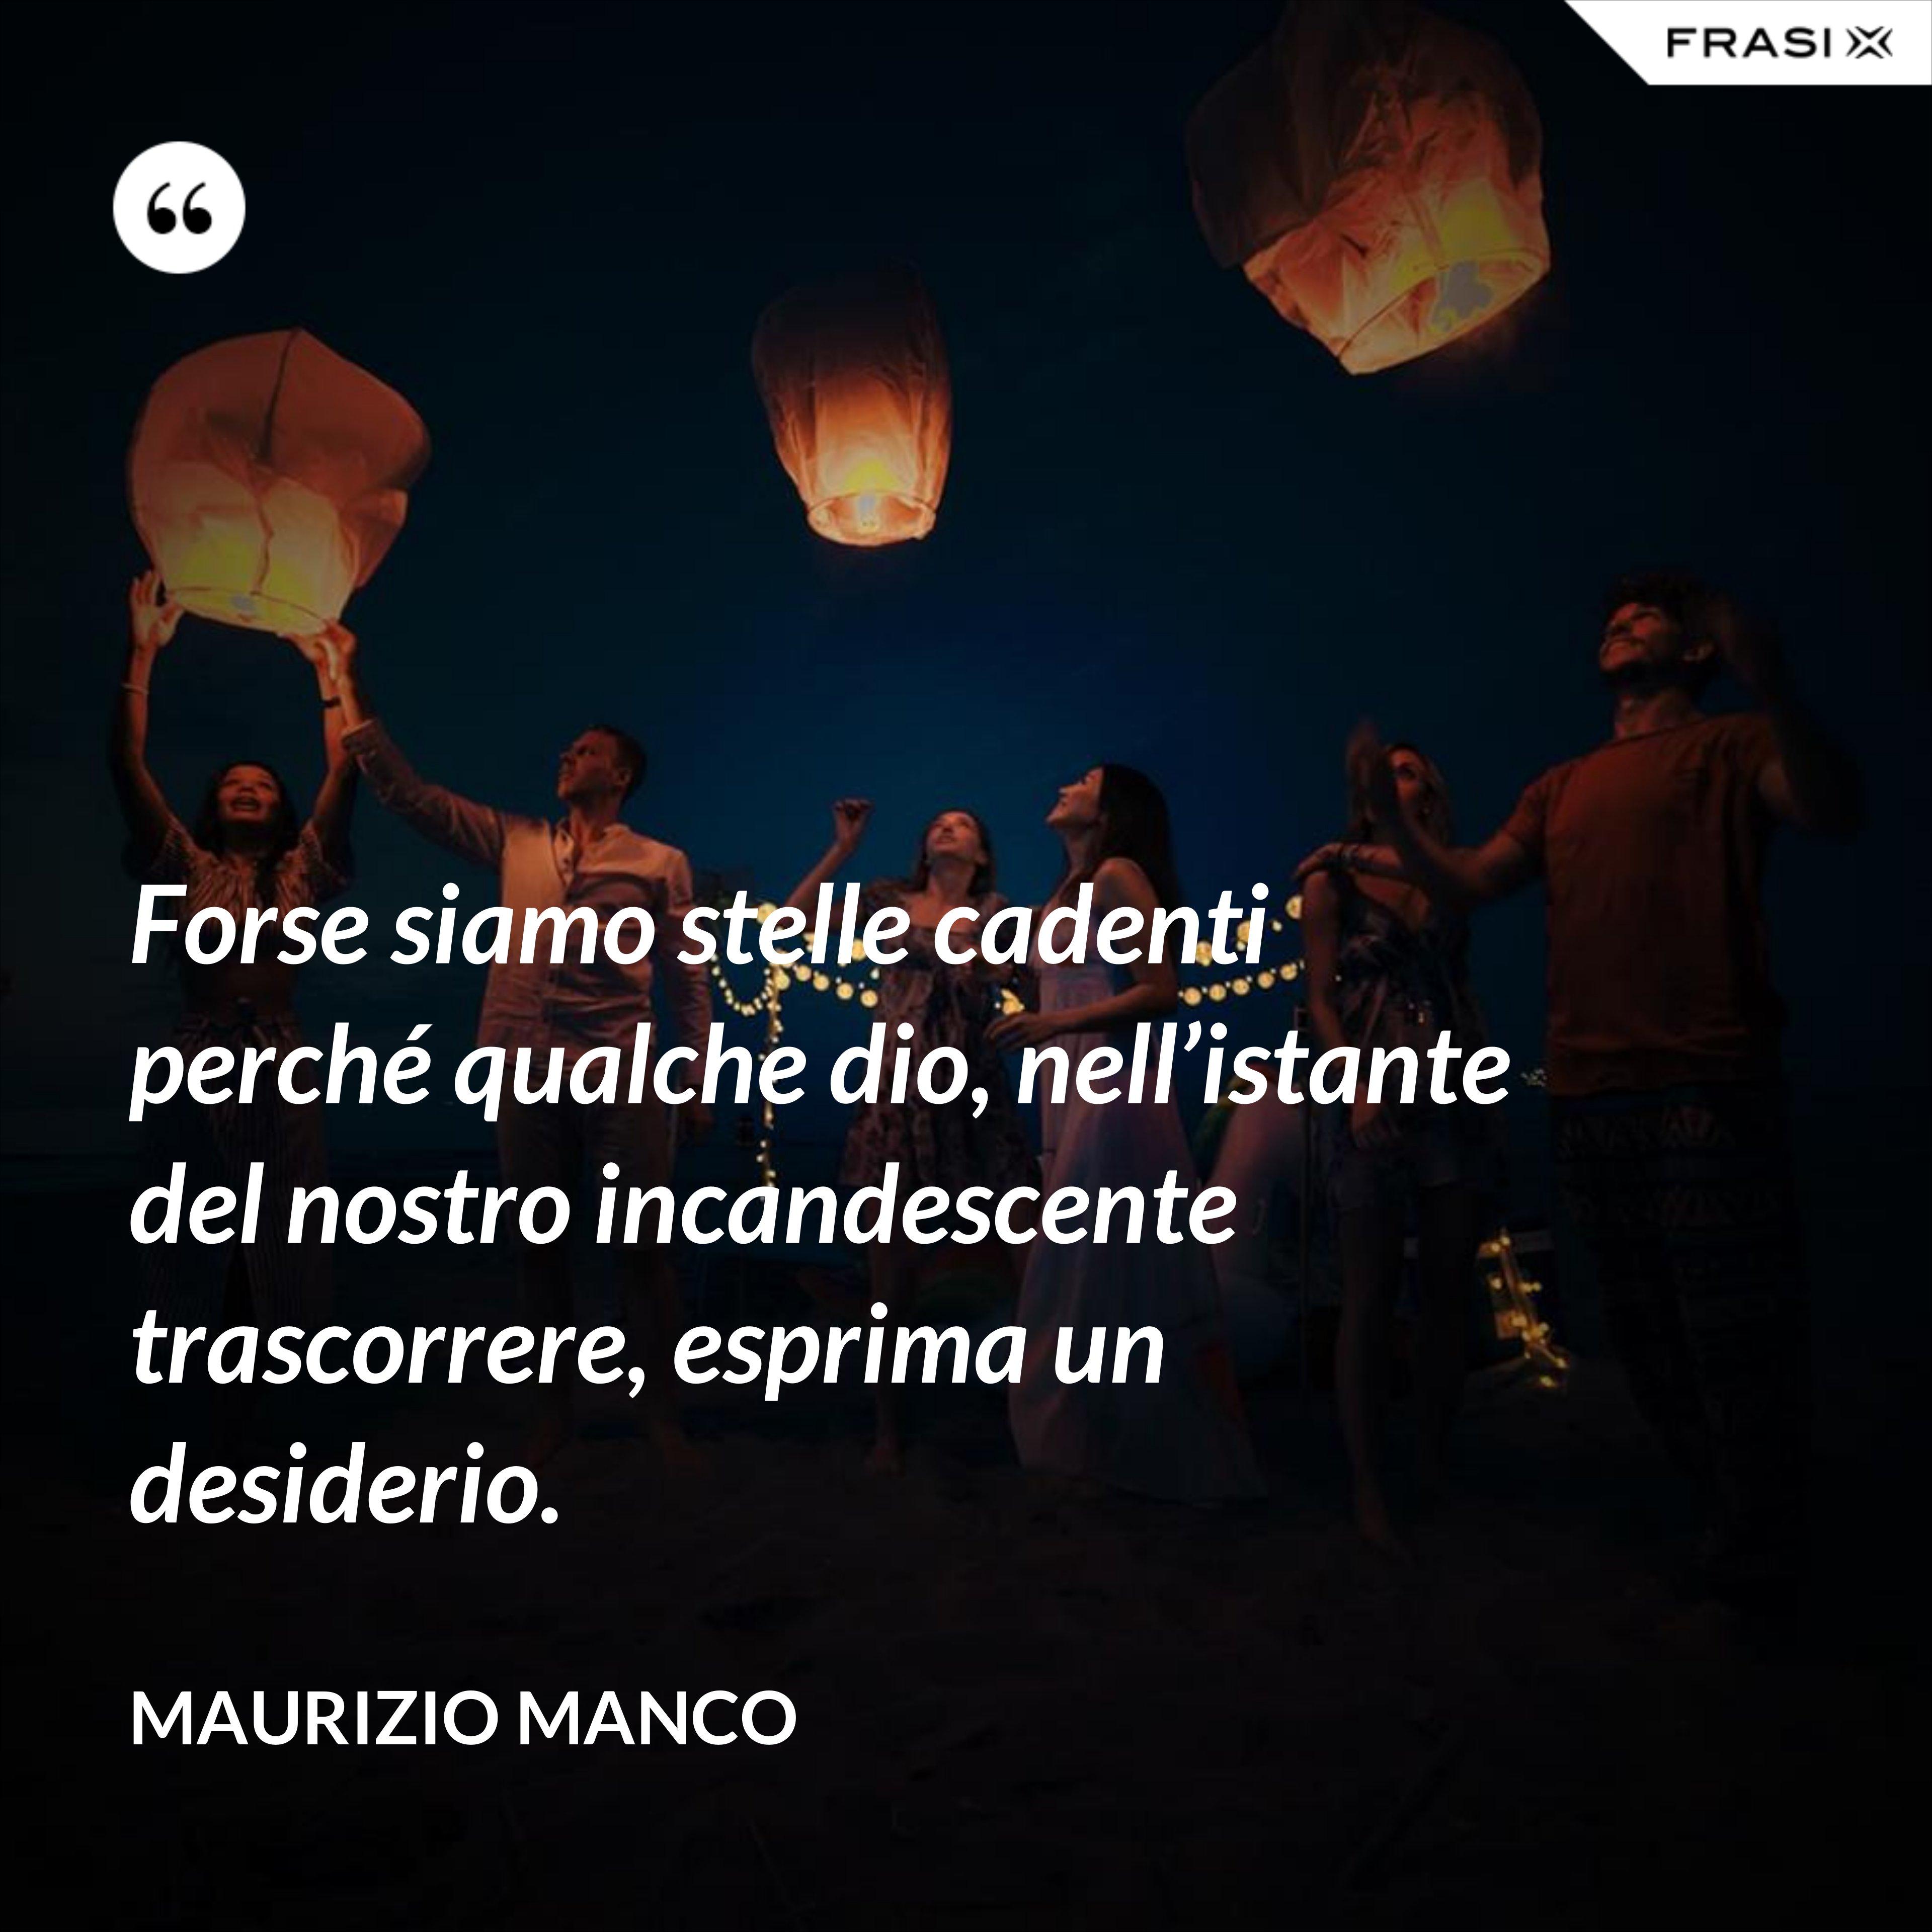 Forse siamo stelle cadenti perché qualche dio, nell'istante del nostro incandescente trascorrere, esprima un desiderio. - Maurizio Manco